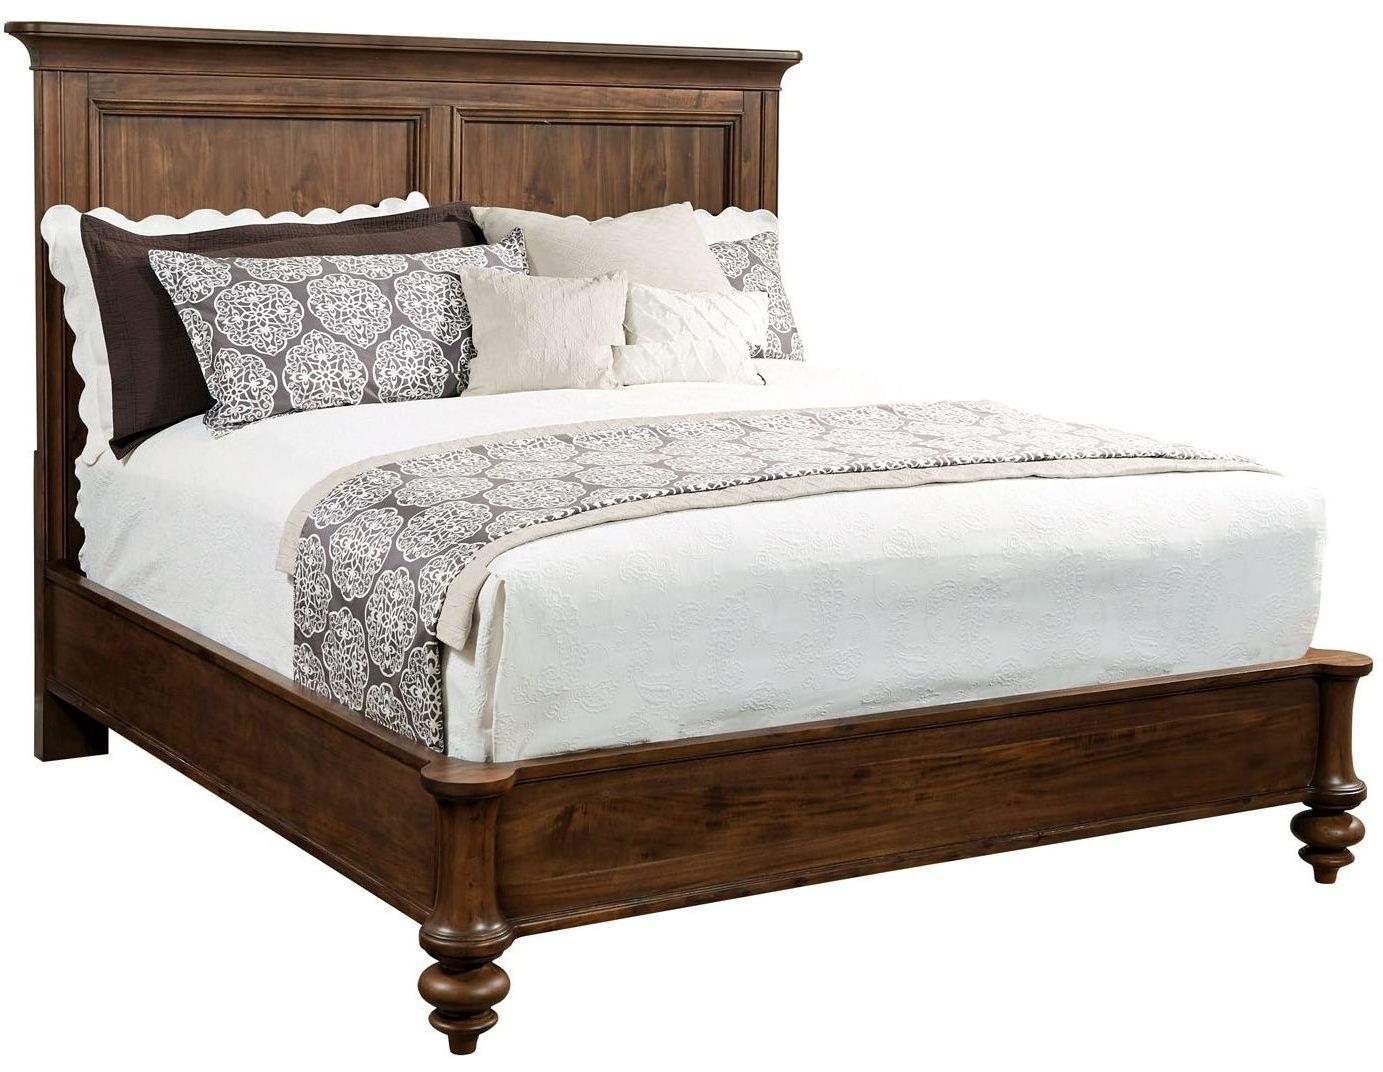 Broyhill Cascade Queen Bed